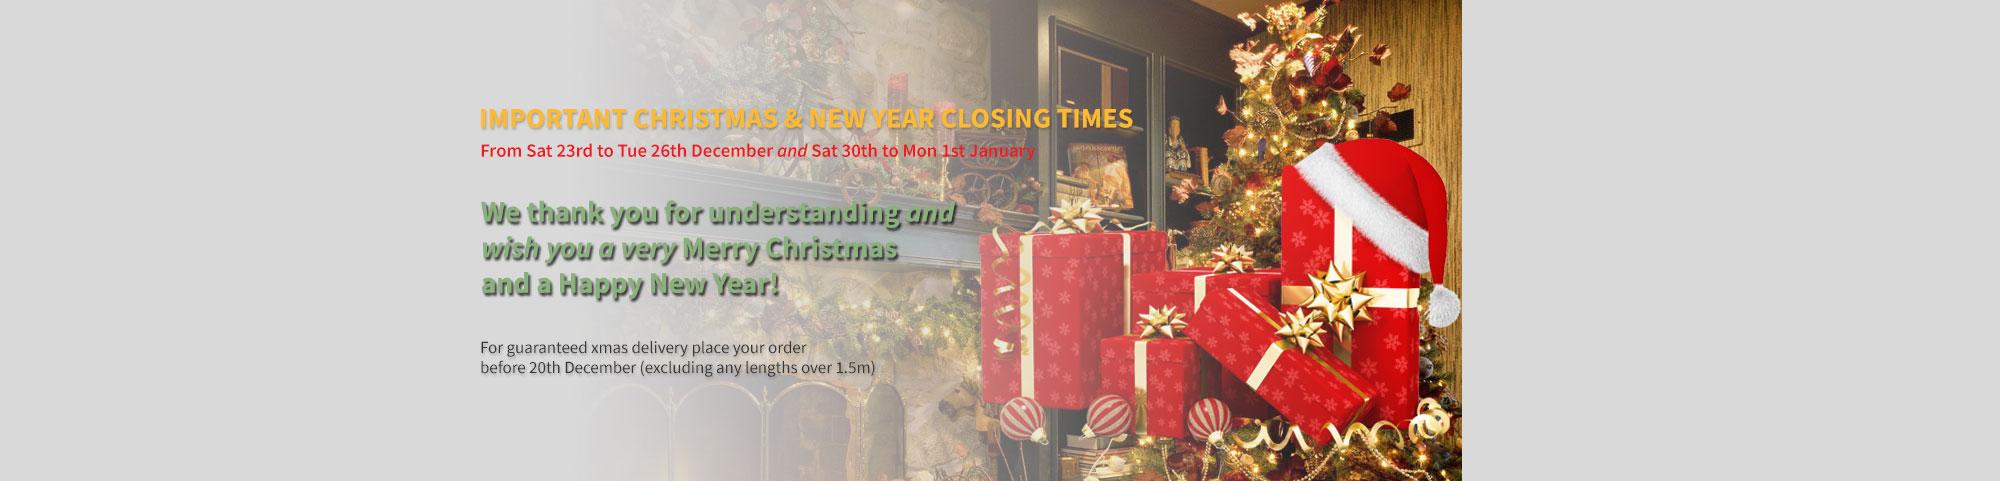 Xmas Closed Days